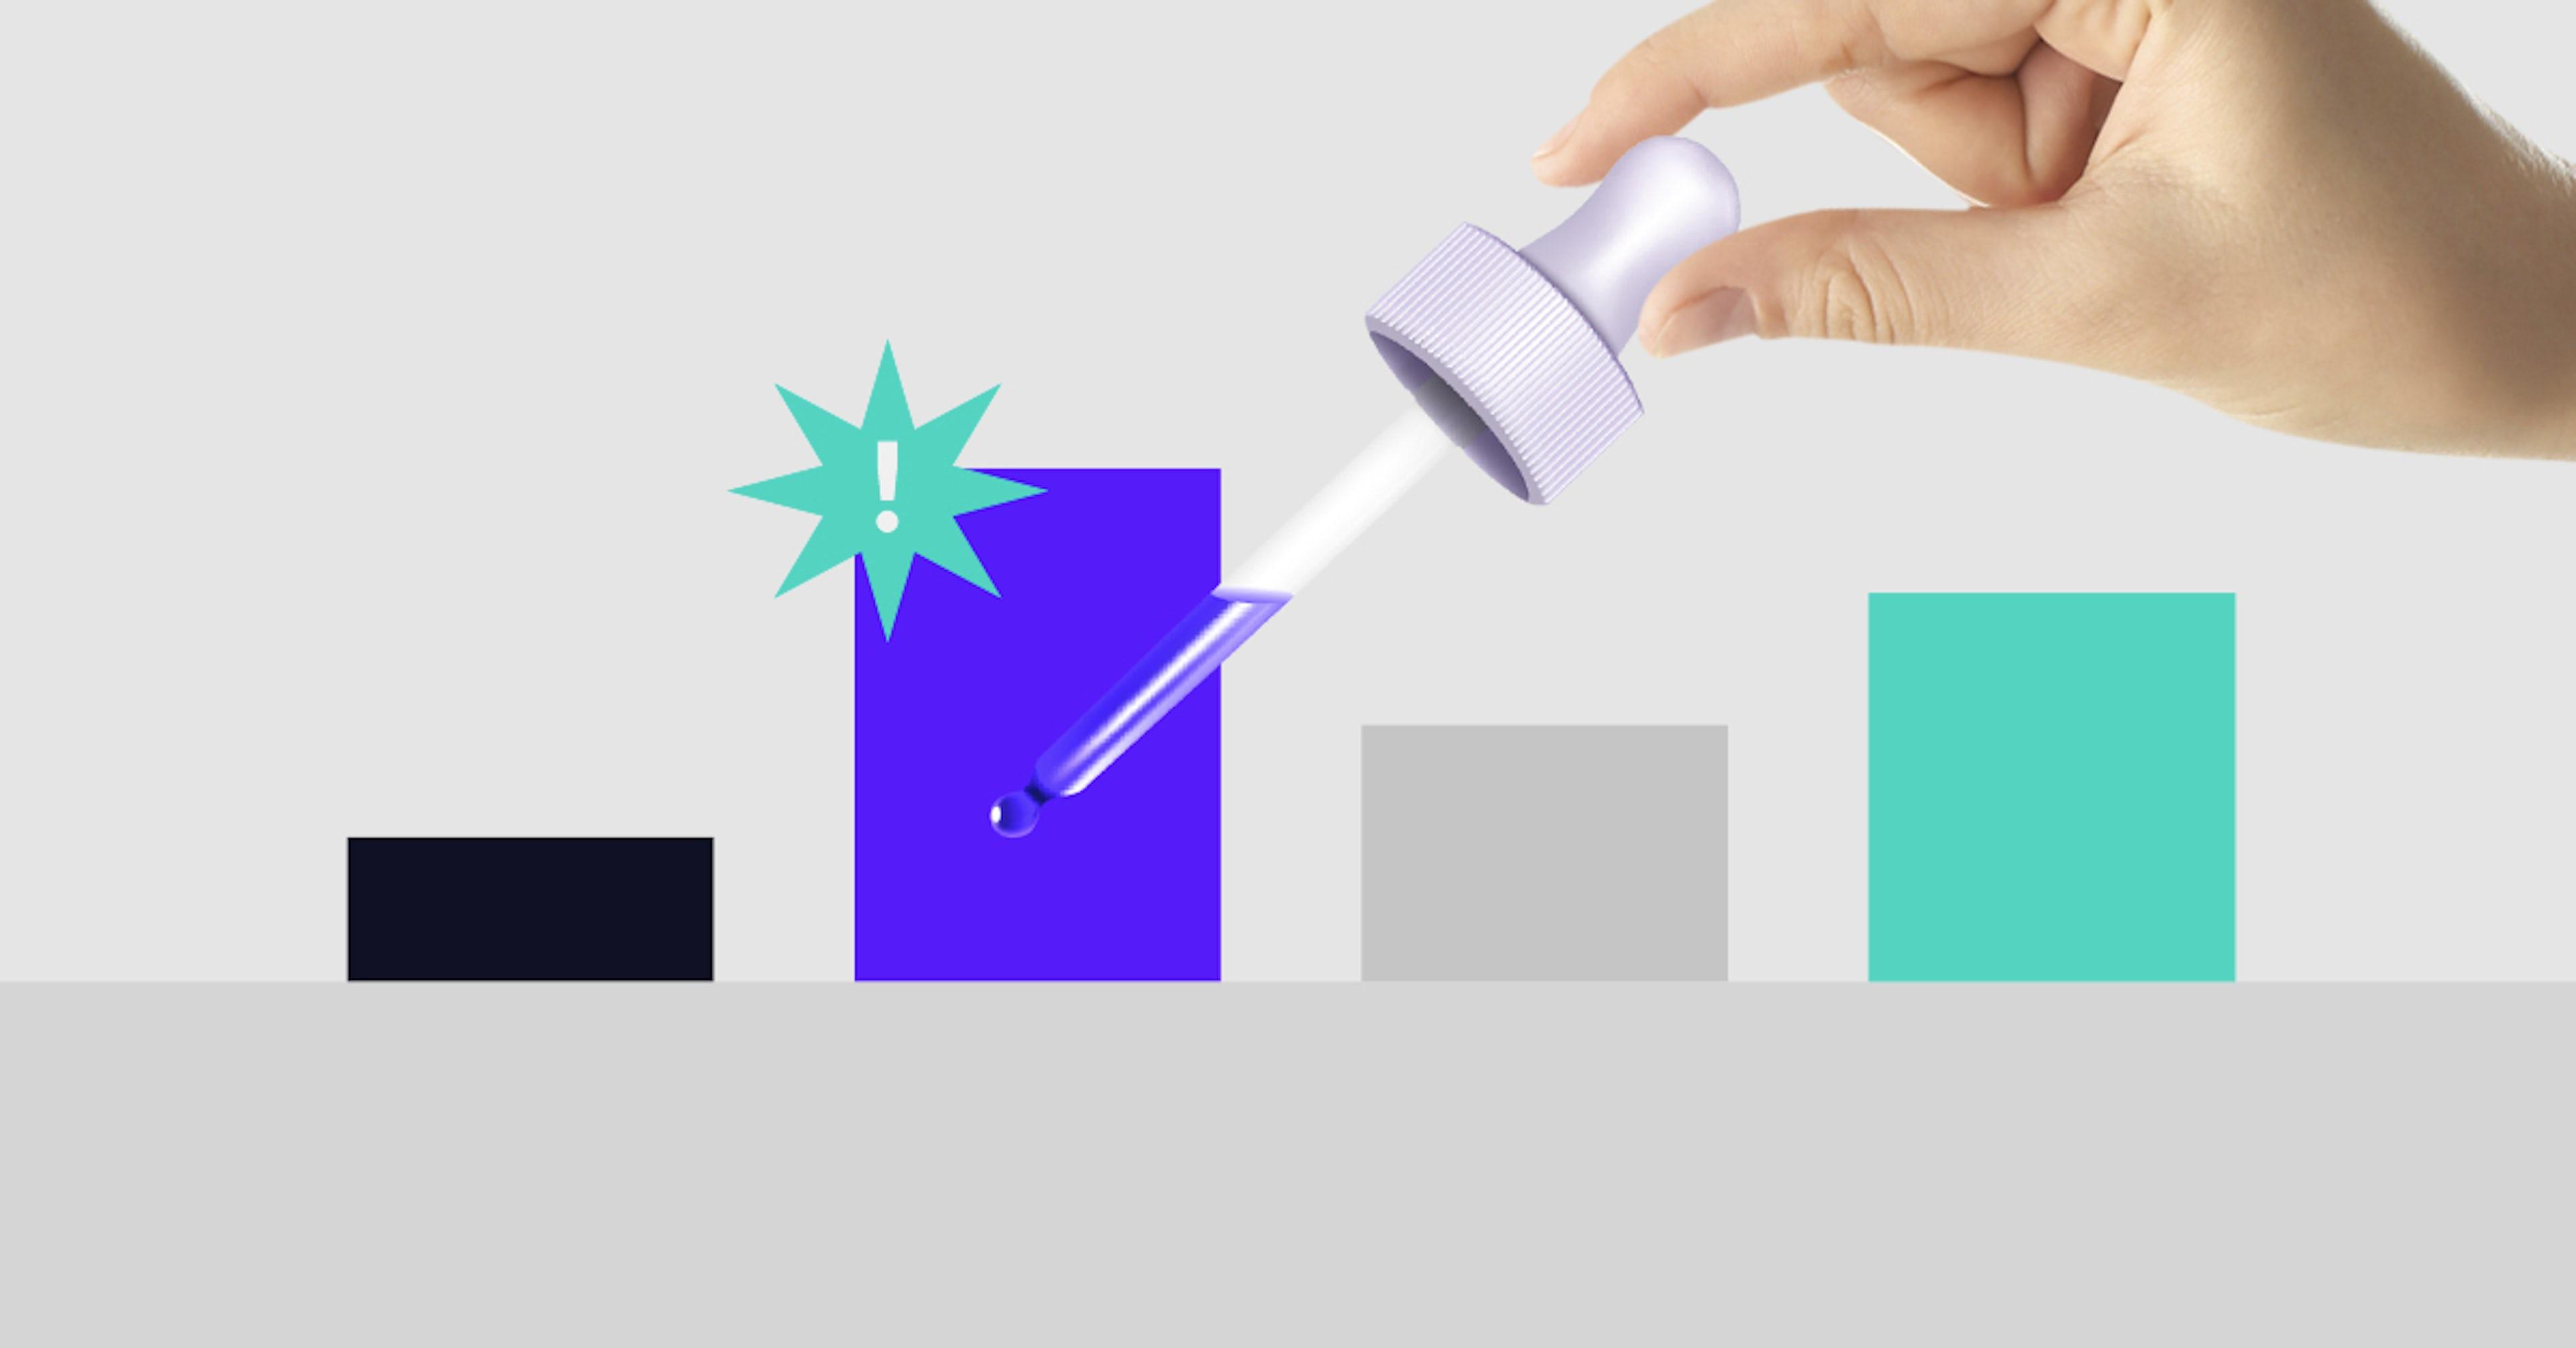 Descubre la importancia del color en el diseño y sácale el jugo a tu creatividad